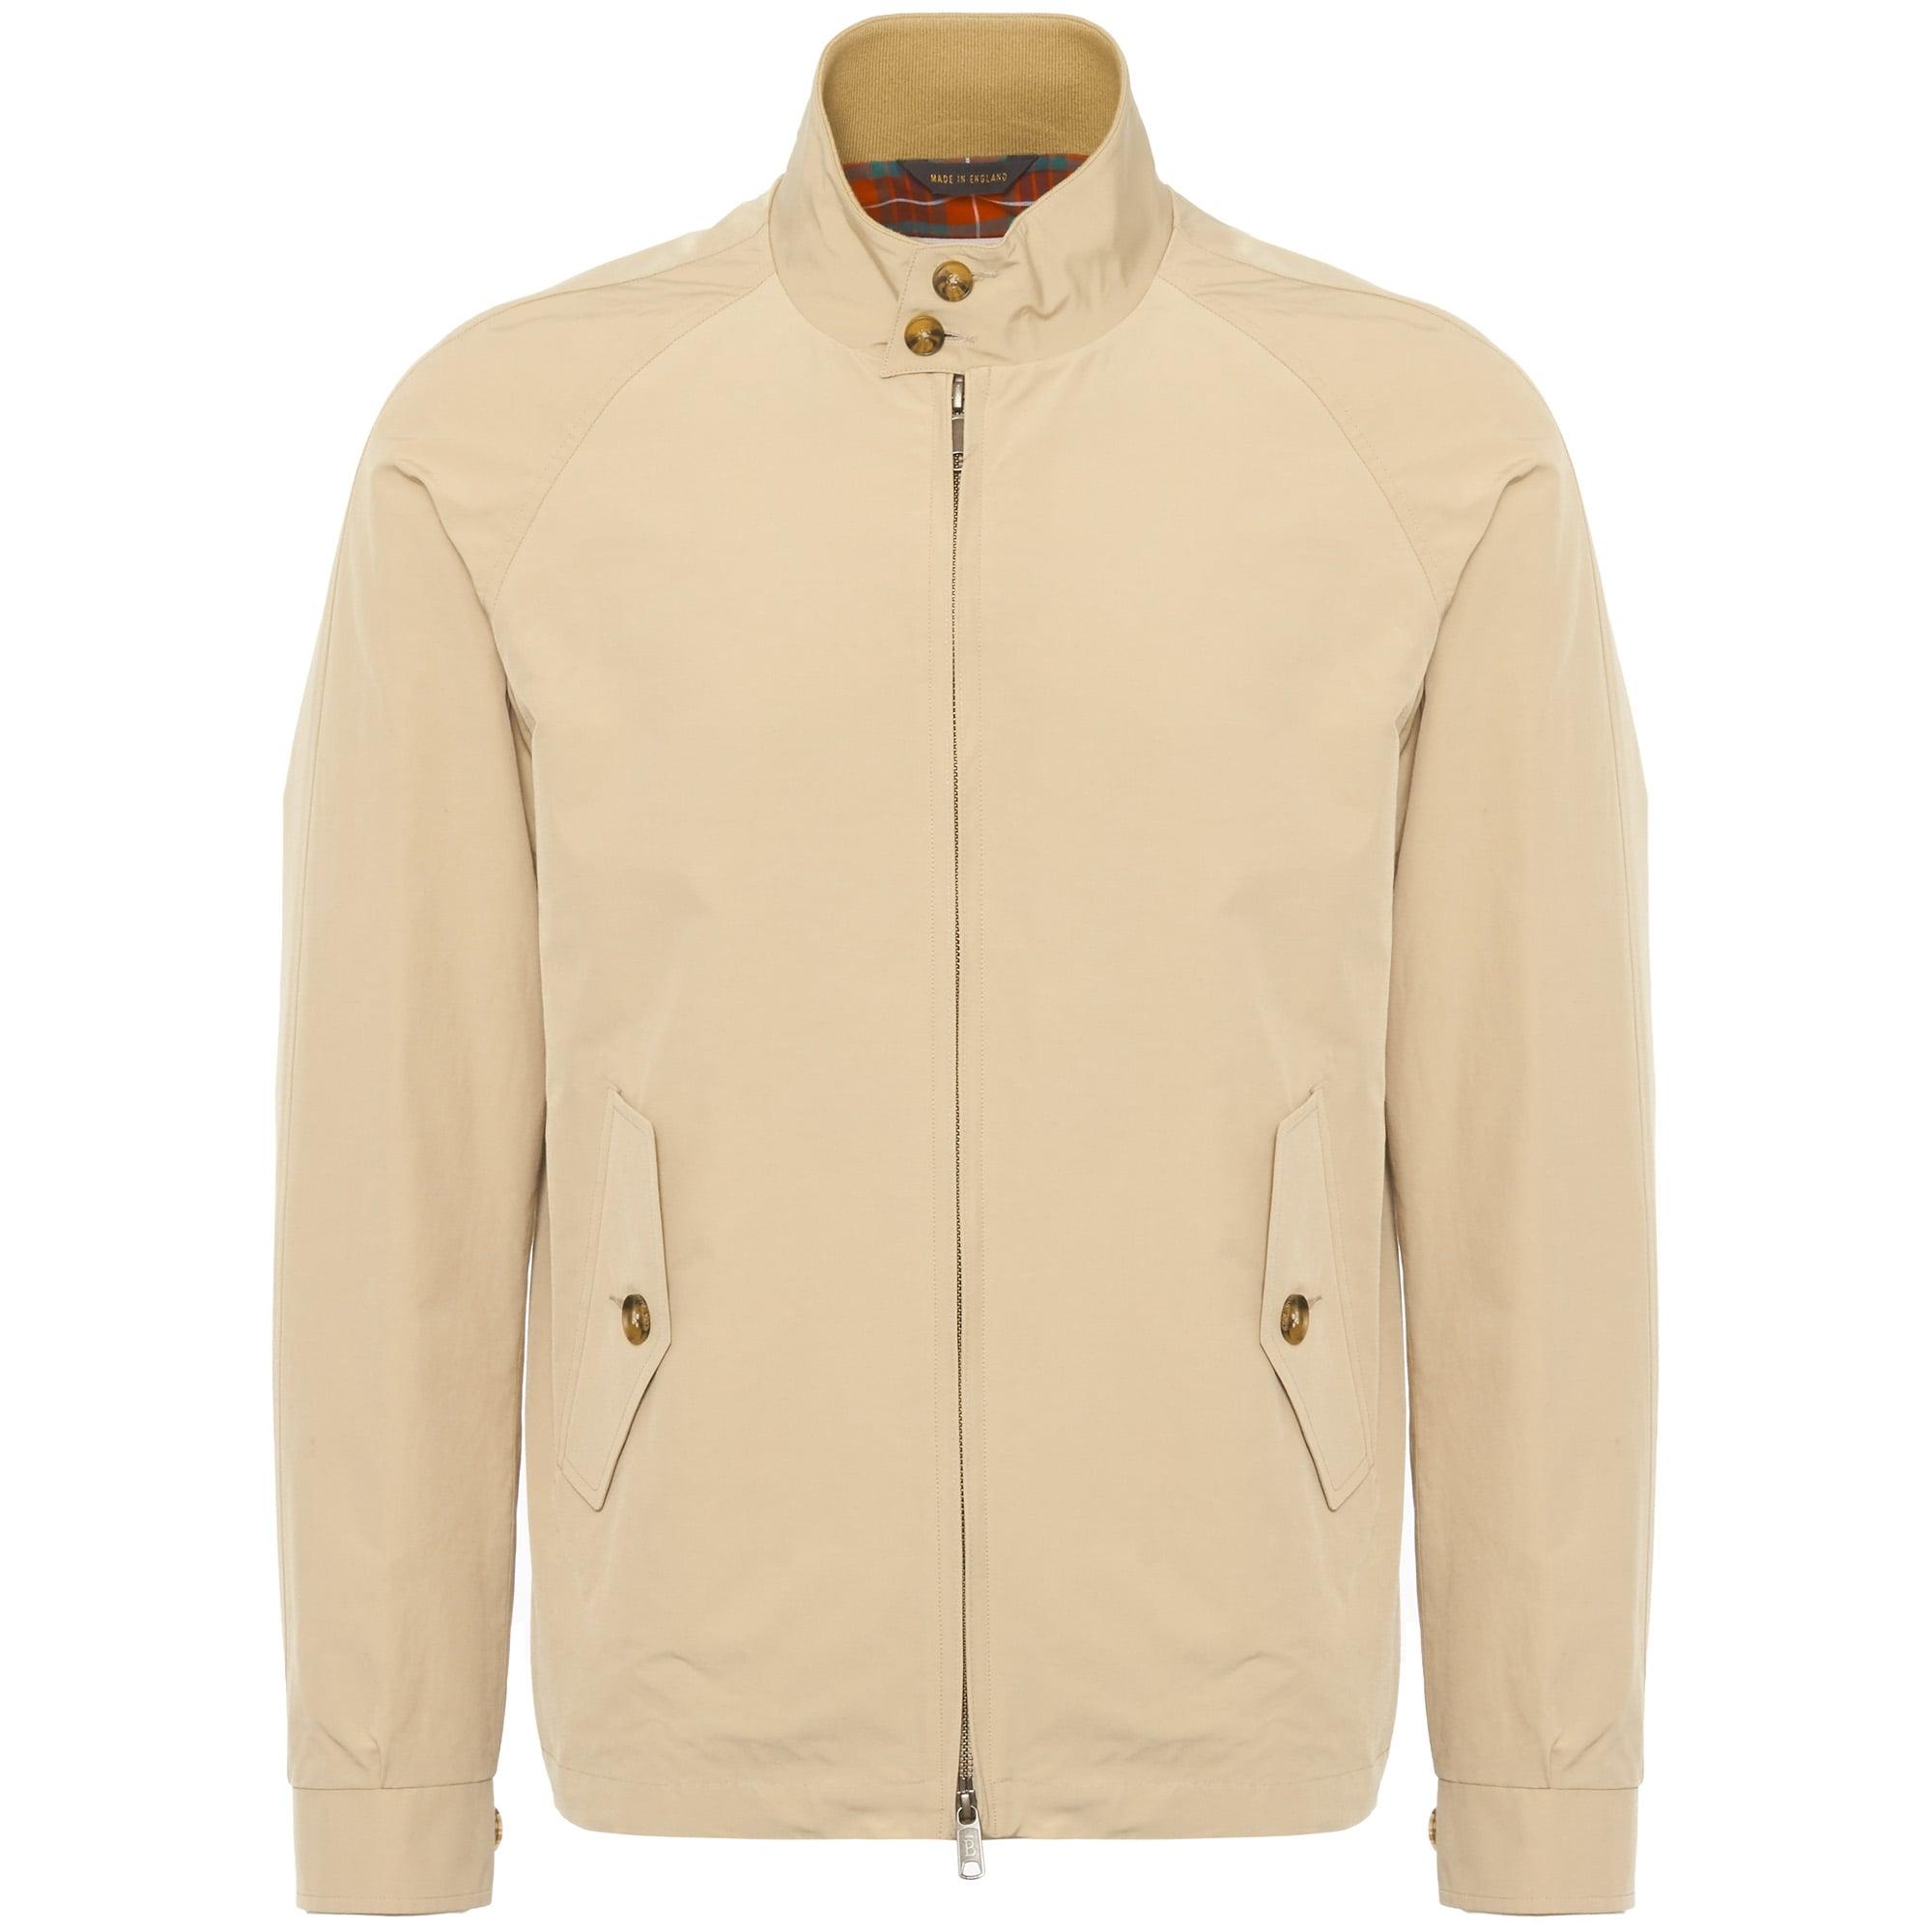 6d603e521 Baracuta G4 Original Harrington Jacket - Natural